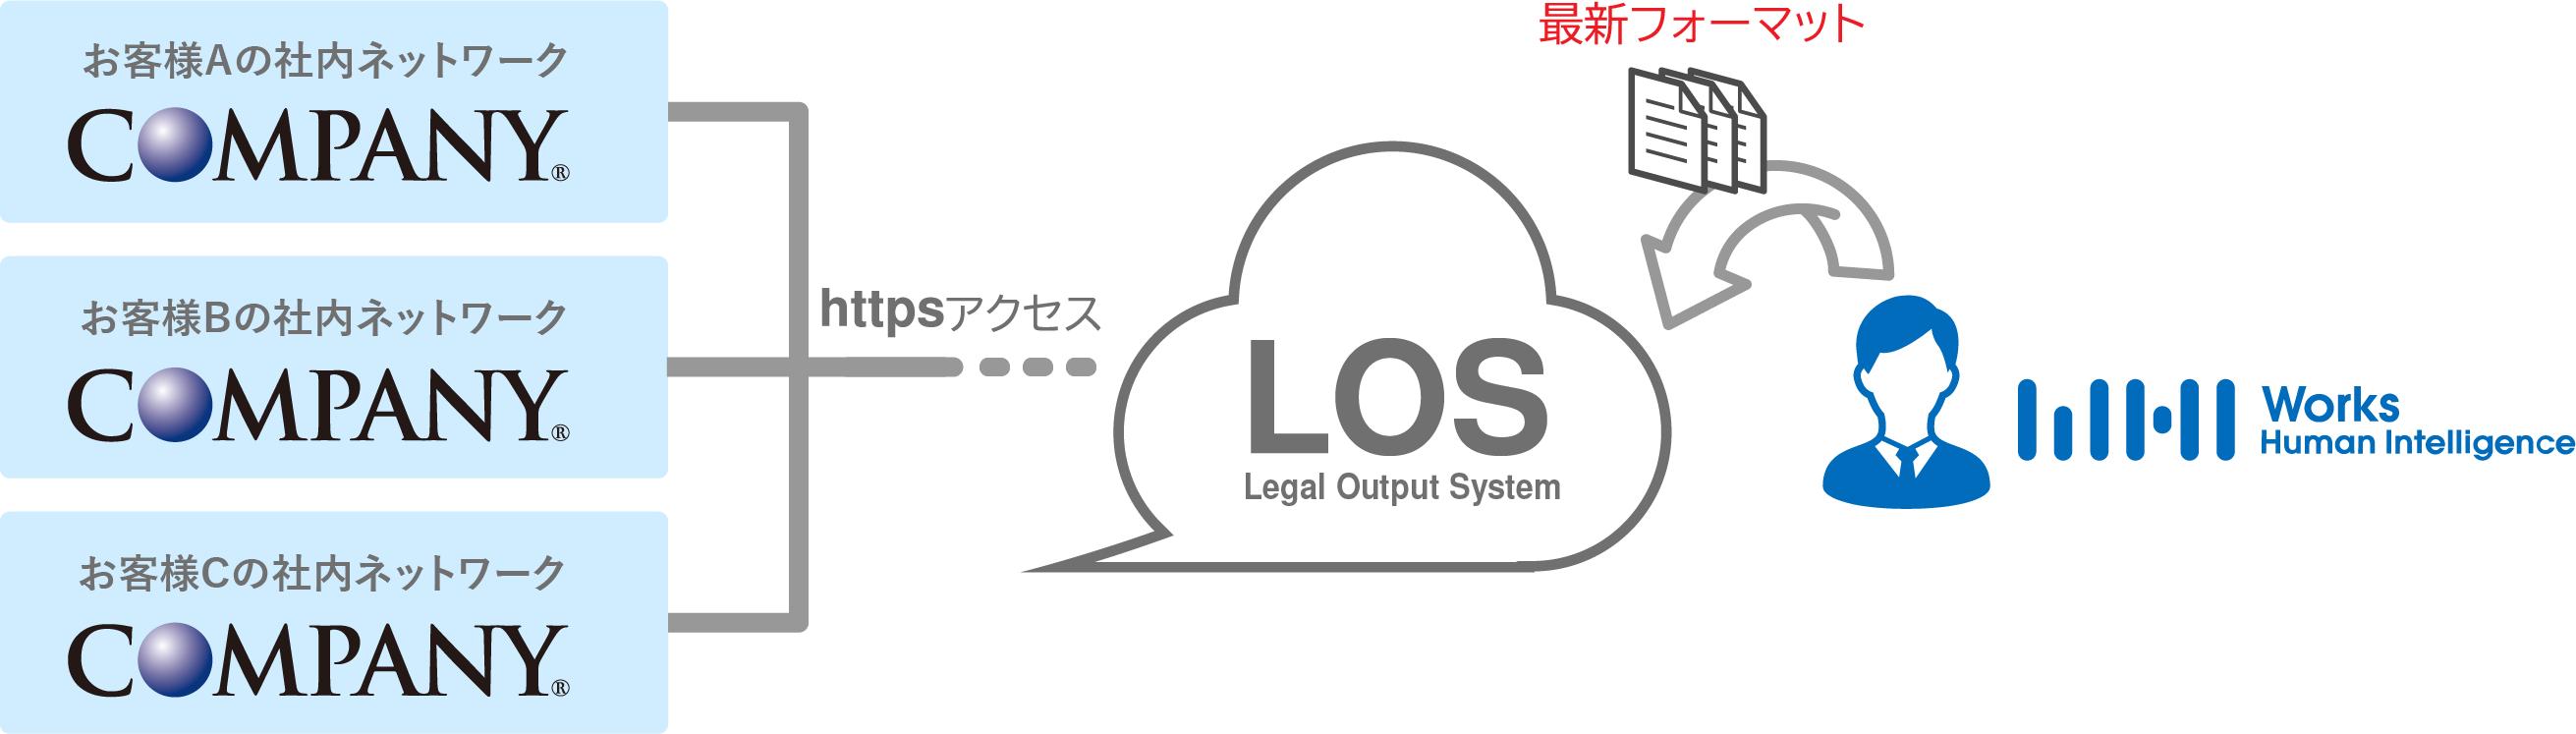 新クラウドサービス「Works Legal Output System」を提供開始